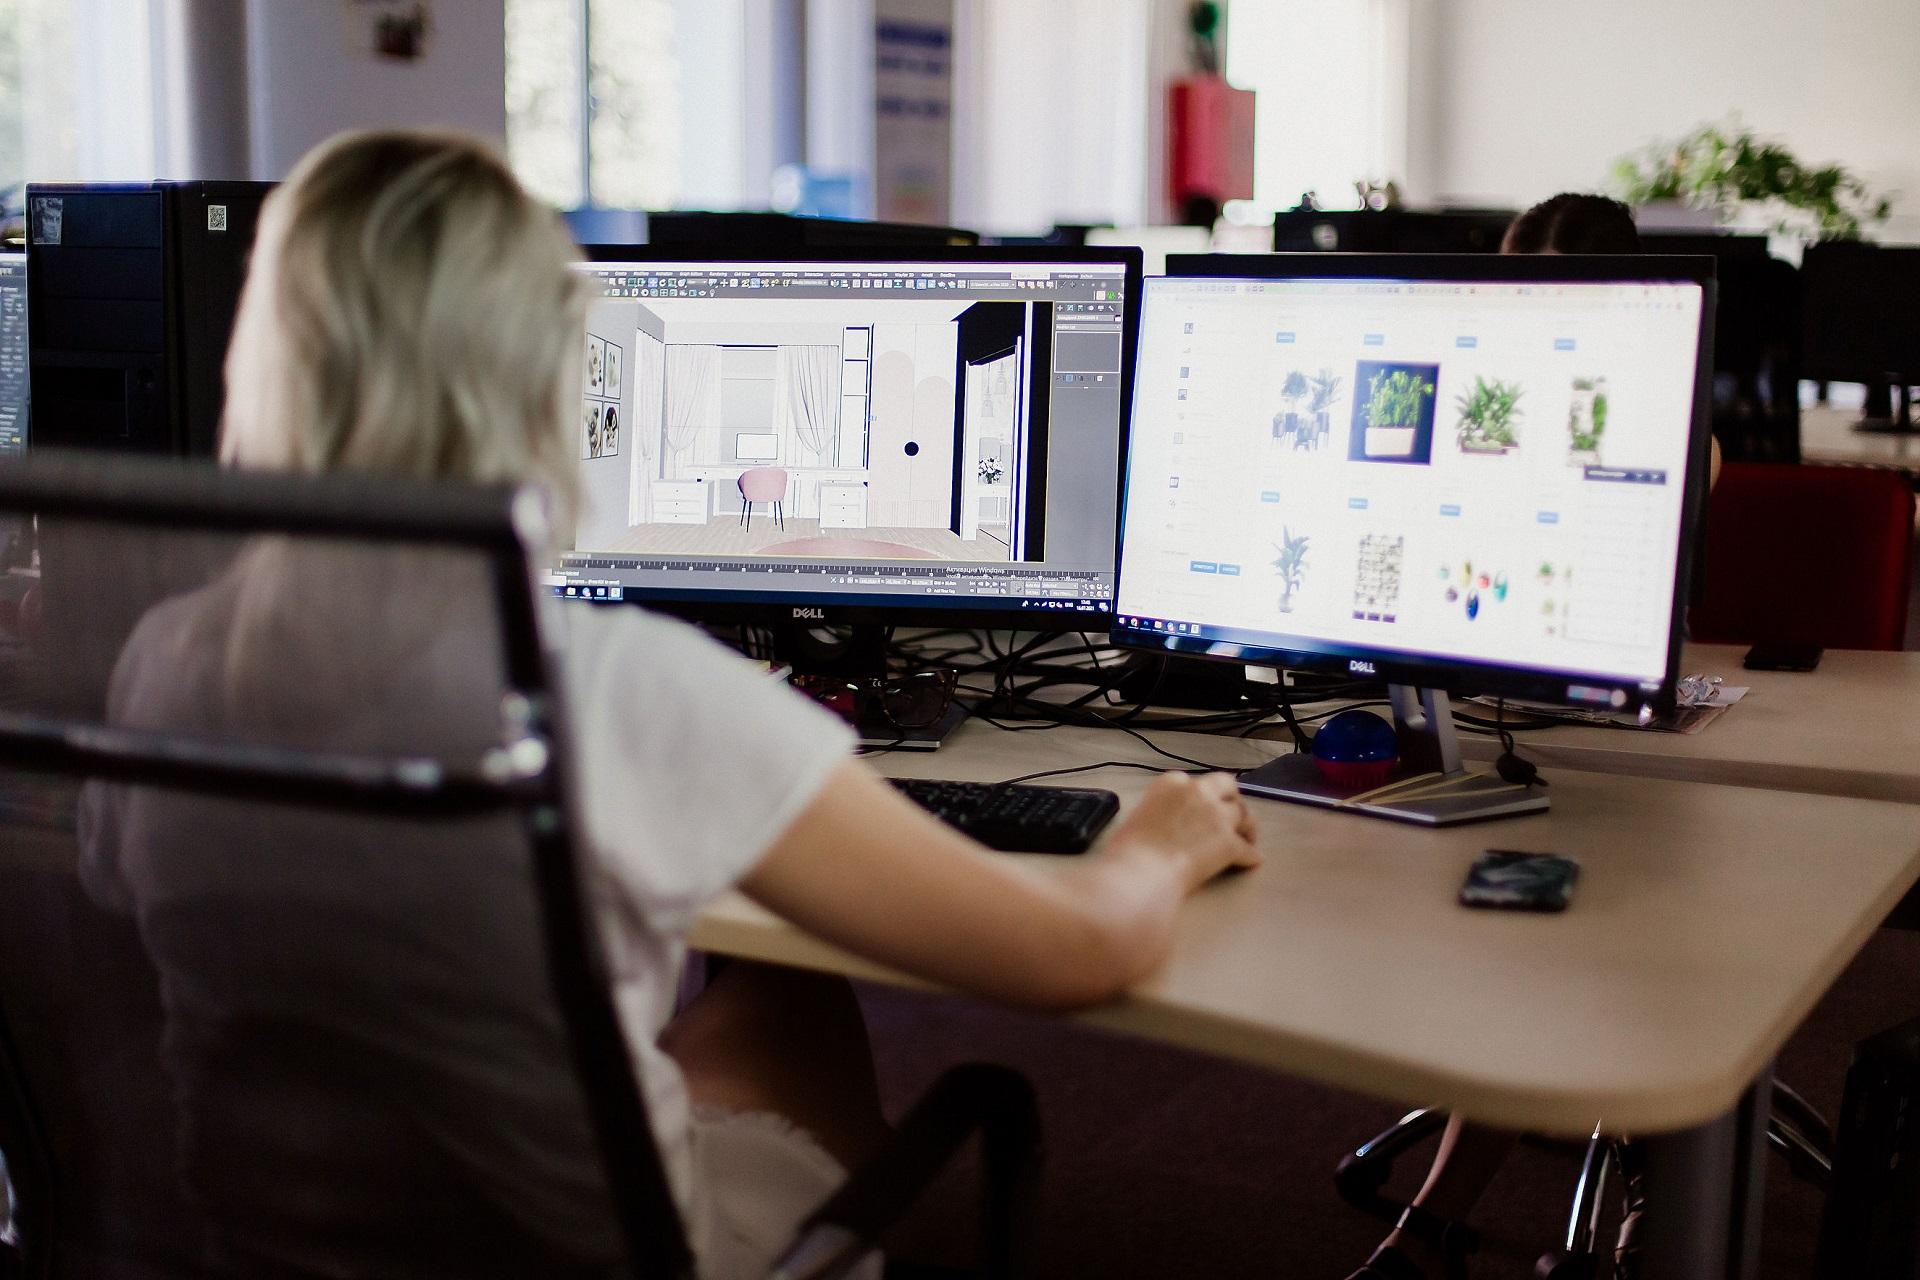 3D визуализатор интерьера за работой